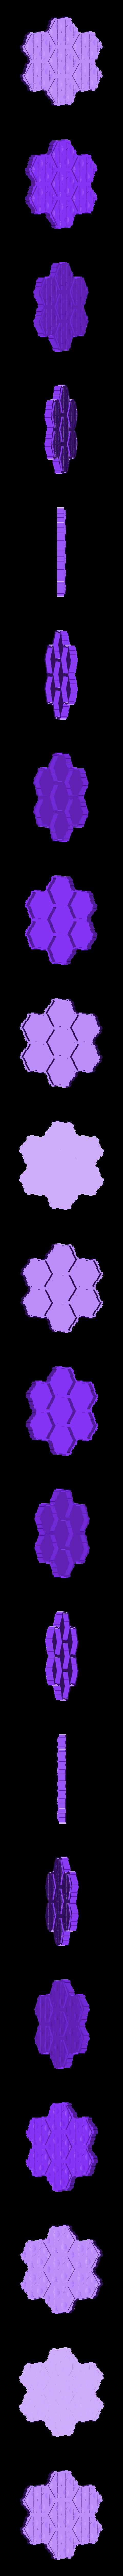 7hex_stone_path.stl Download free STL file Locking Hex Terrain Stone Path • 3D print object, mrhers2